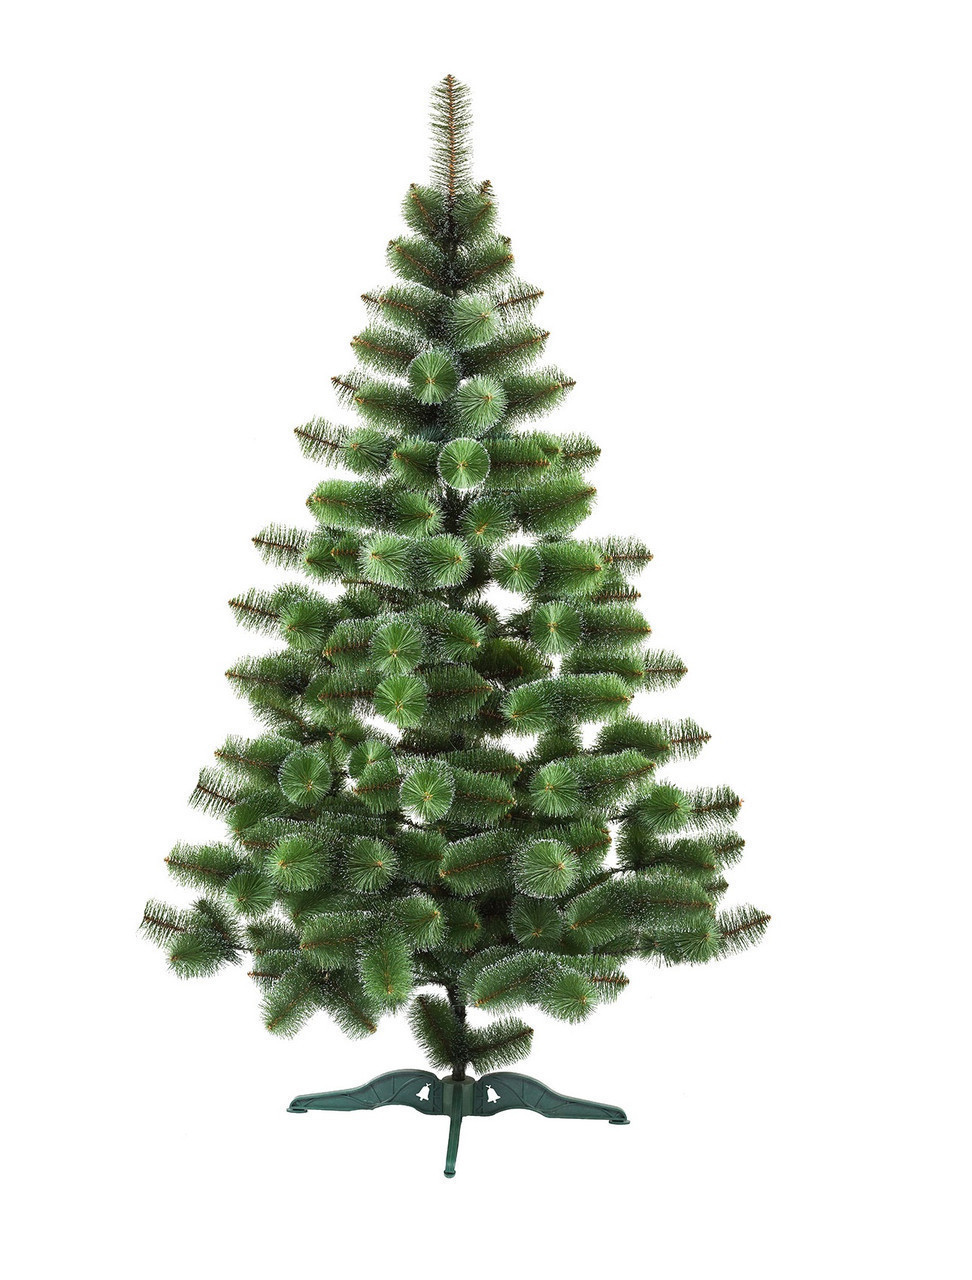 Сосна искусственная Bonita 3.0 м Новогодняя зеленая с белыми кончиками СШ-З-БК-3,00